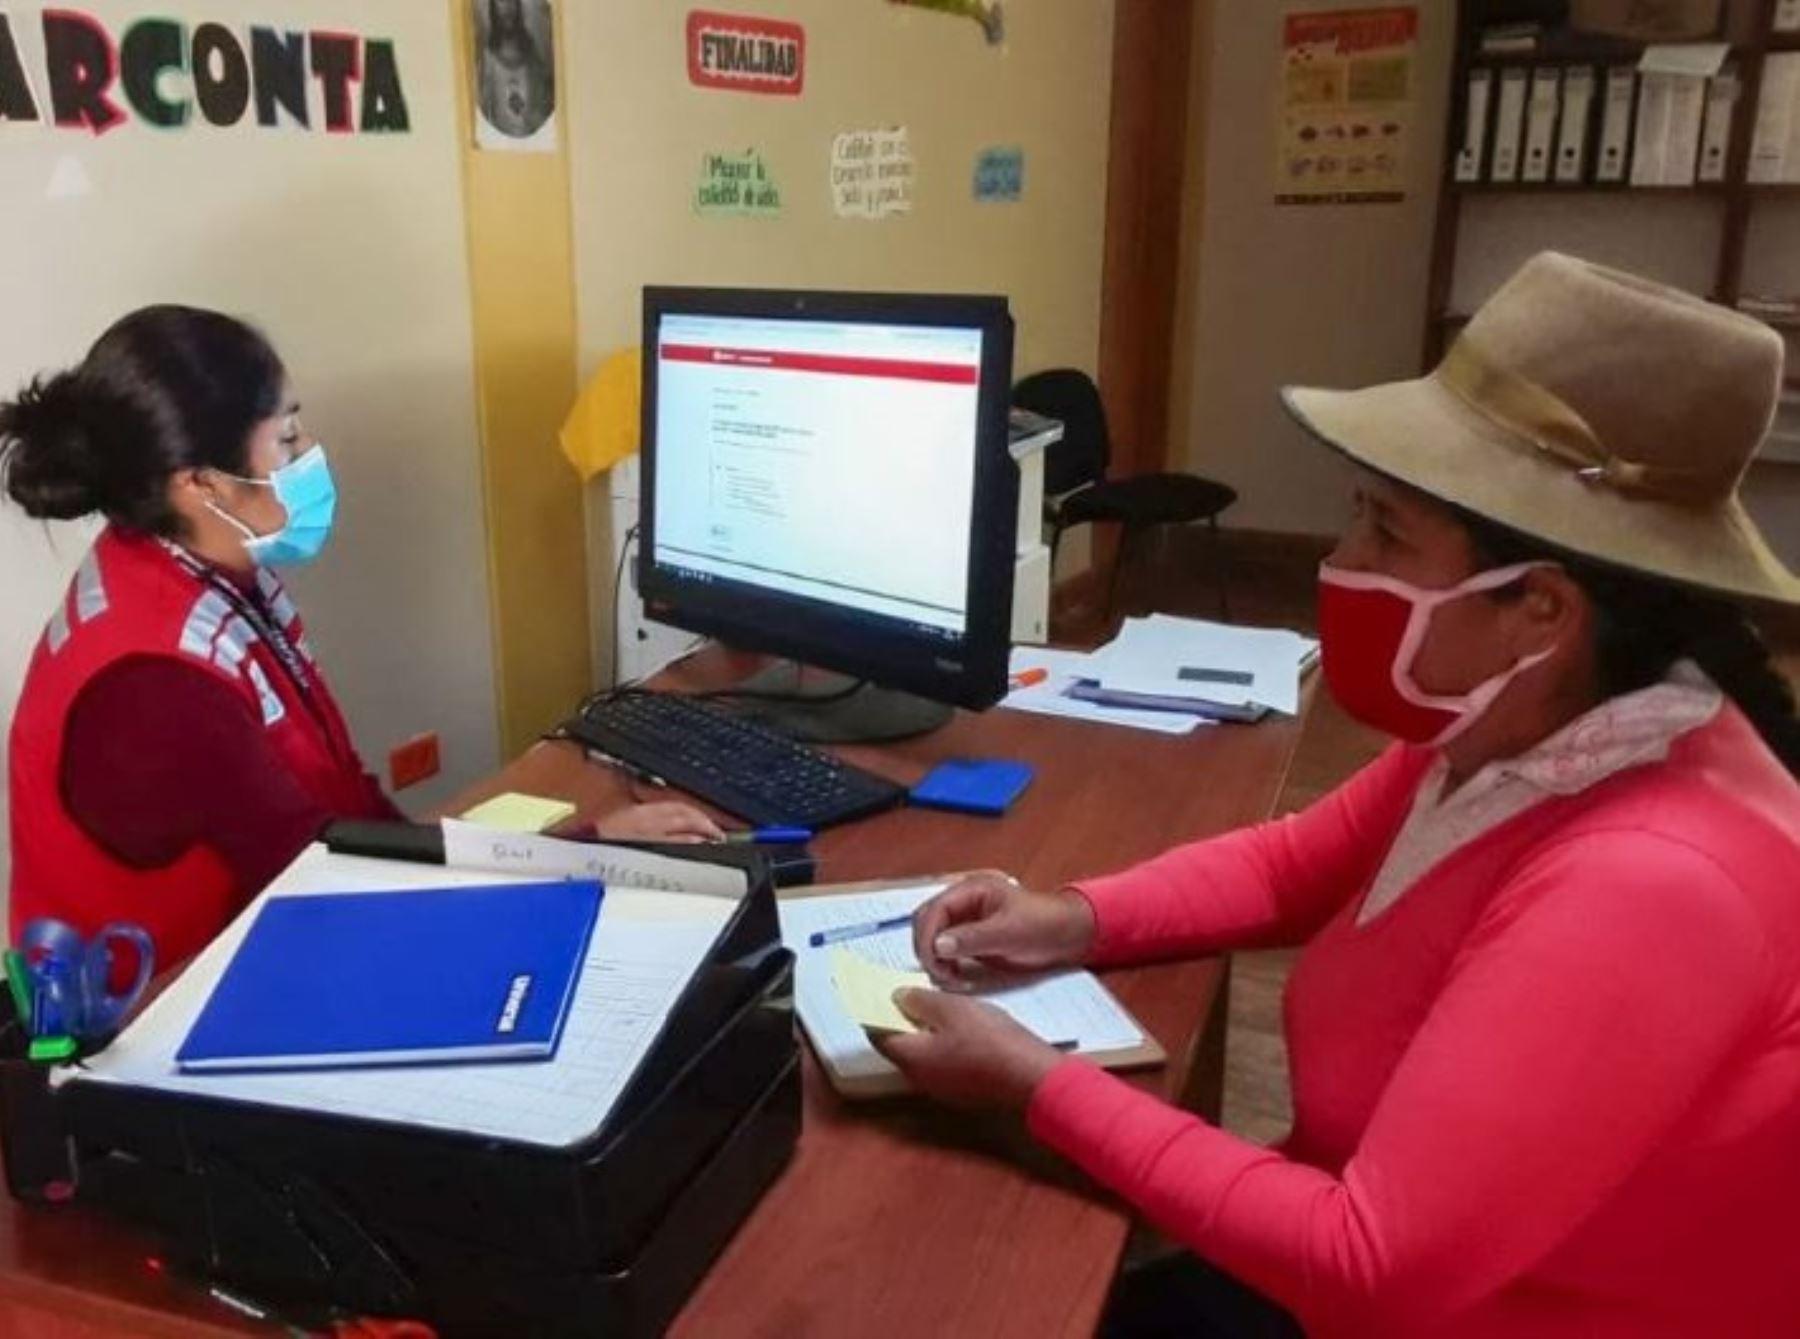 Especialistas del programa PAIS orientan a las familias de zonas rurales sobre los alcances del Bono 600 que se otorga a las poblaciones vulnerables ante la pandemia de covid-19. ANDINA/Difusión